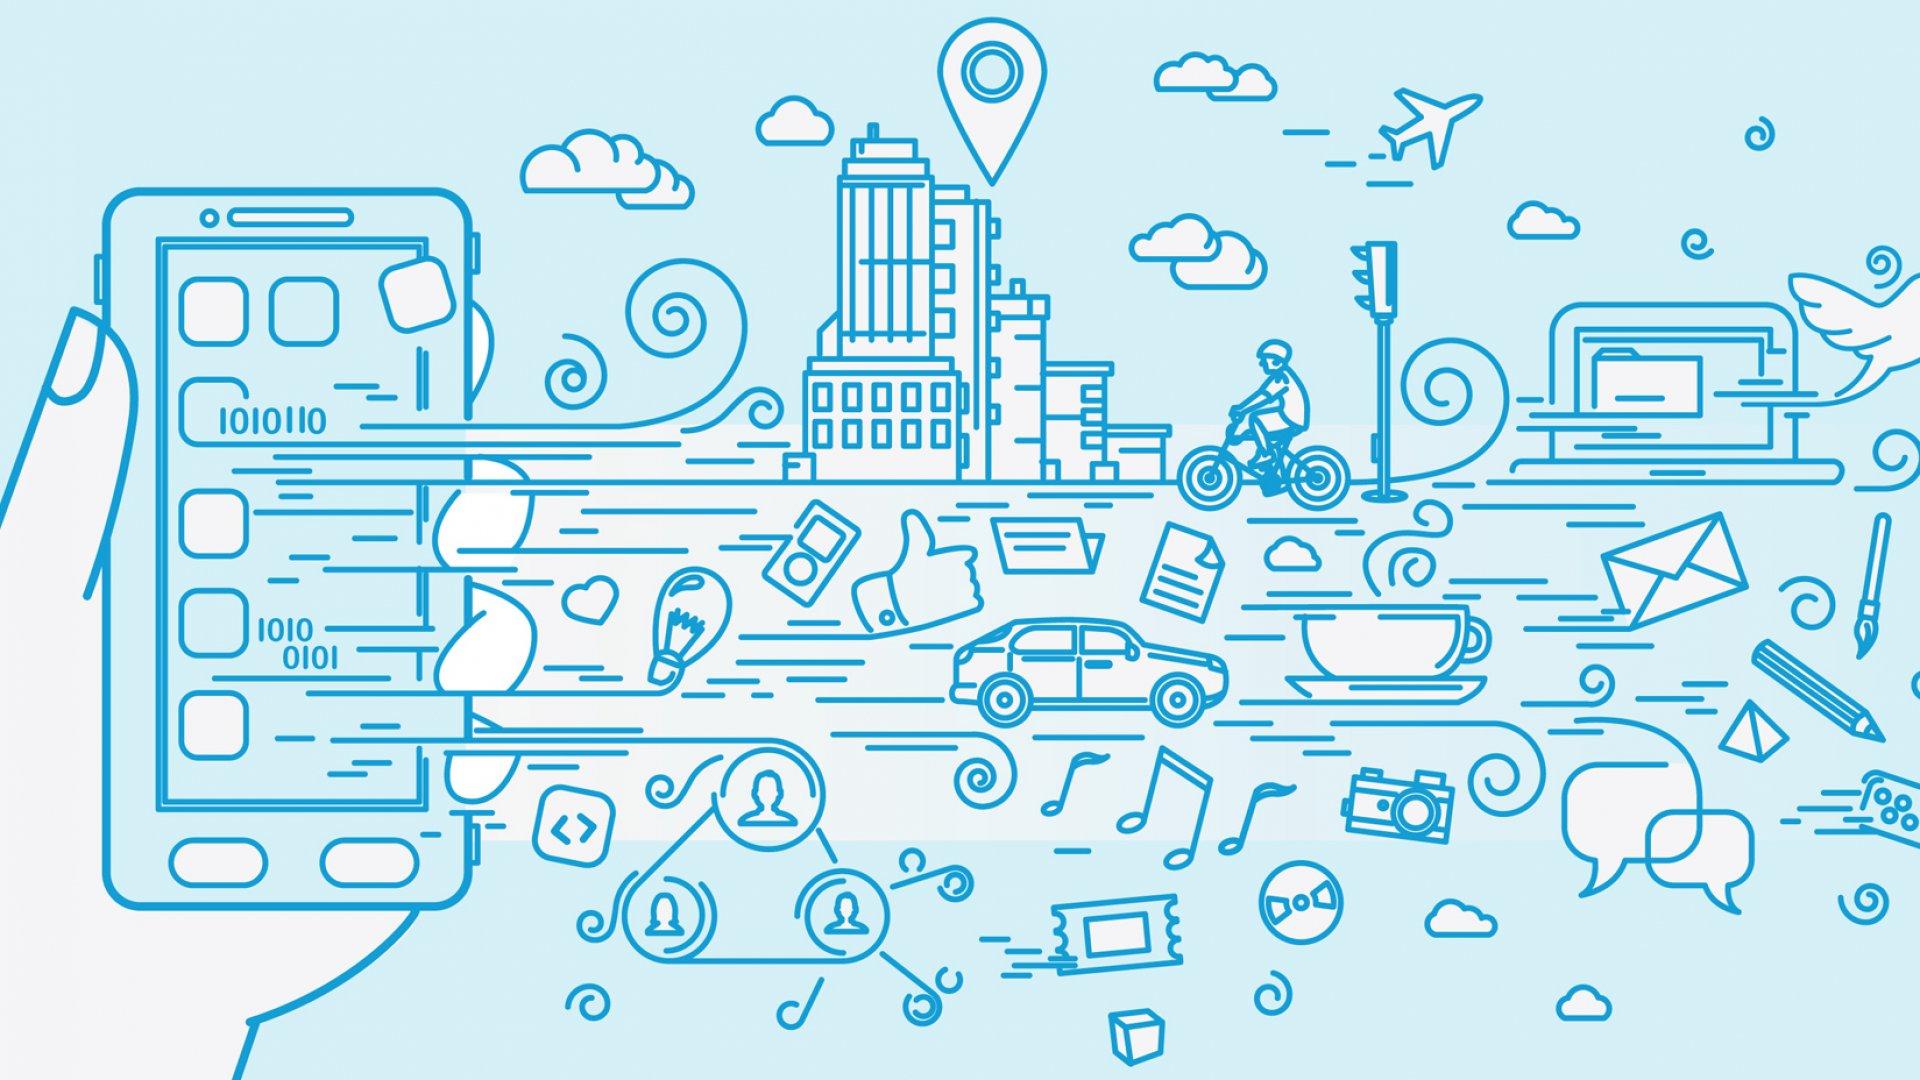 چطور استراتژی بازاریابی بنویسیم؟ این بار برای شبکه های اجتماعی!